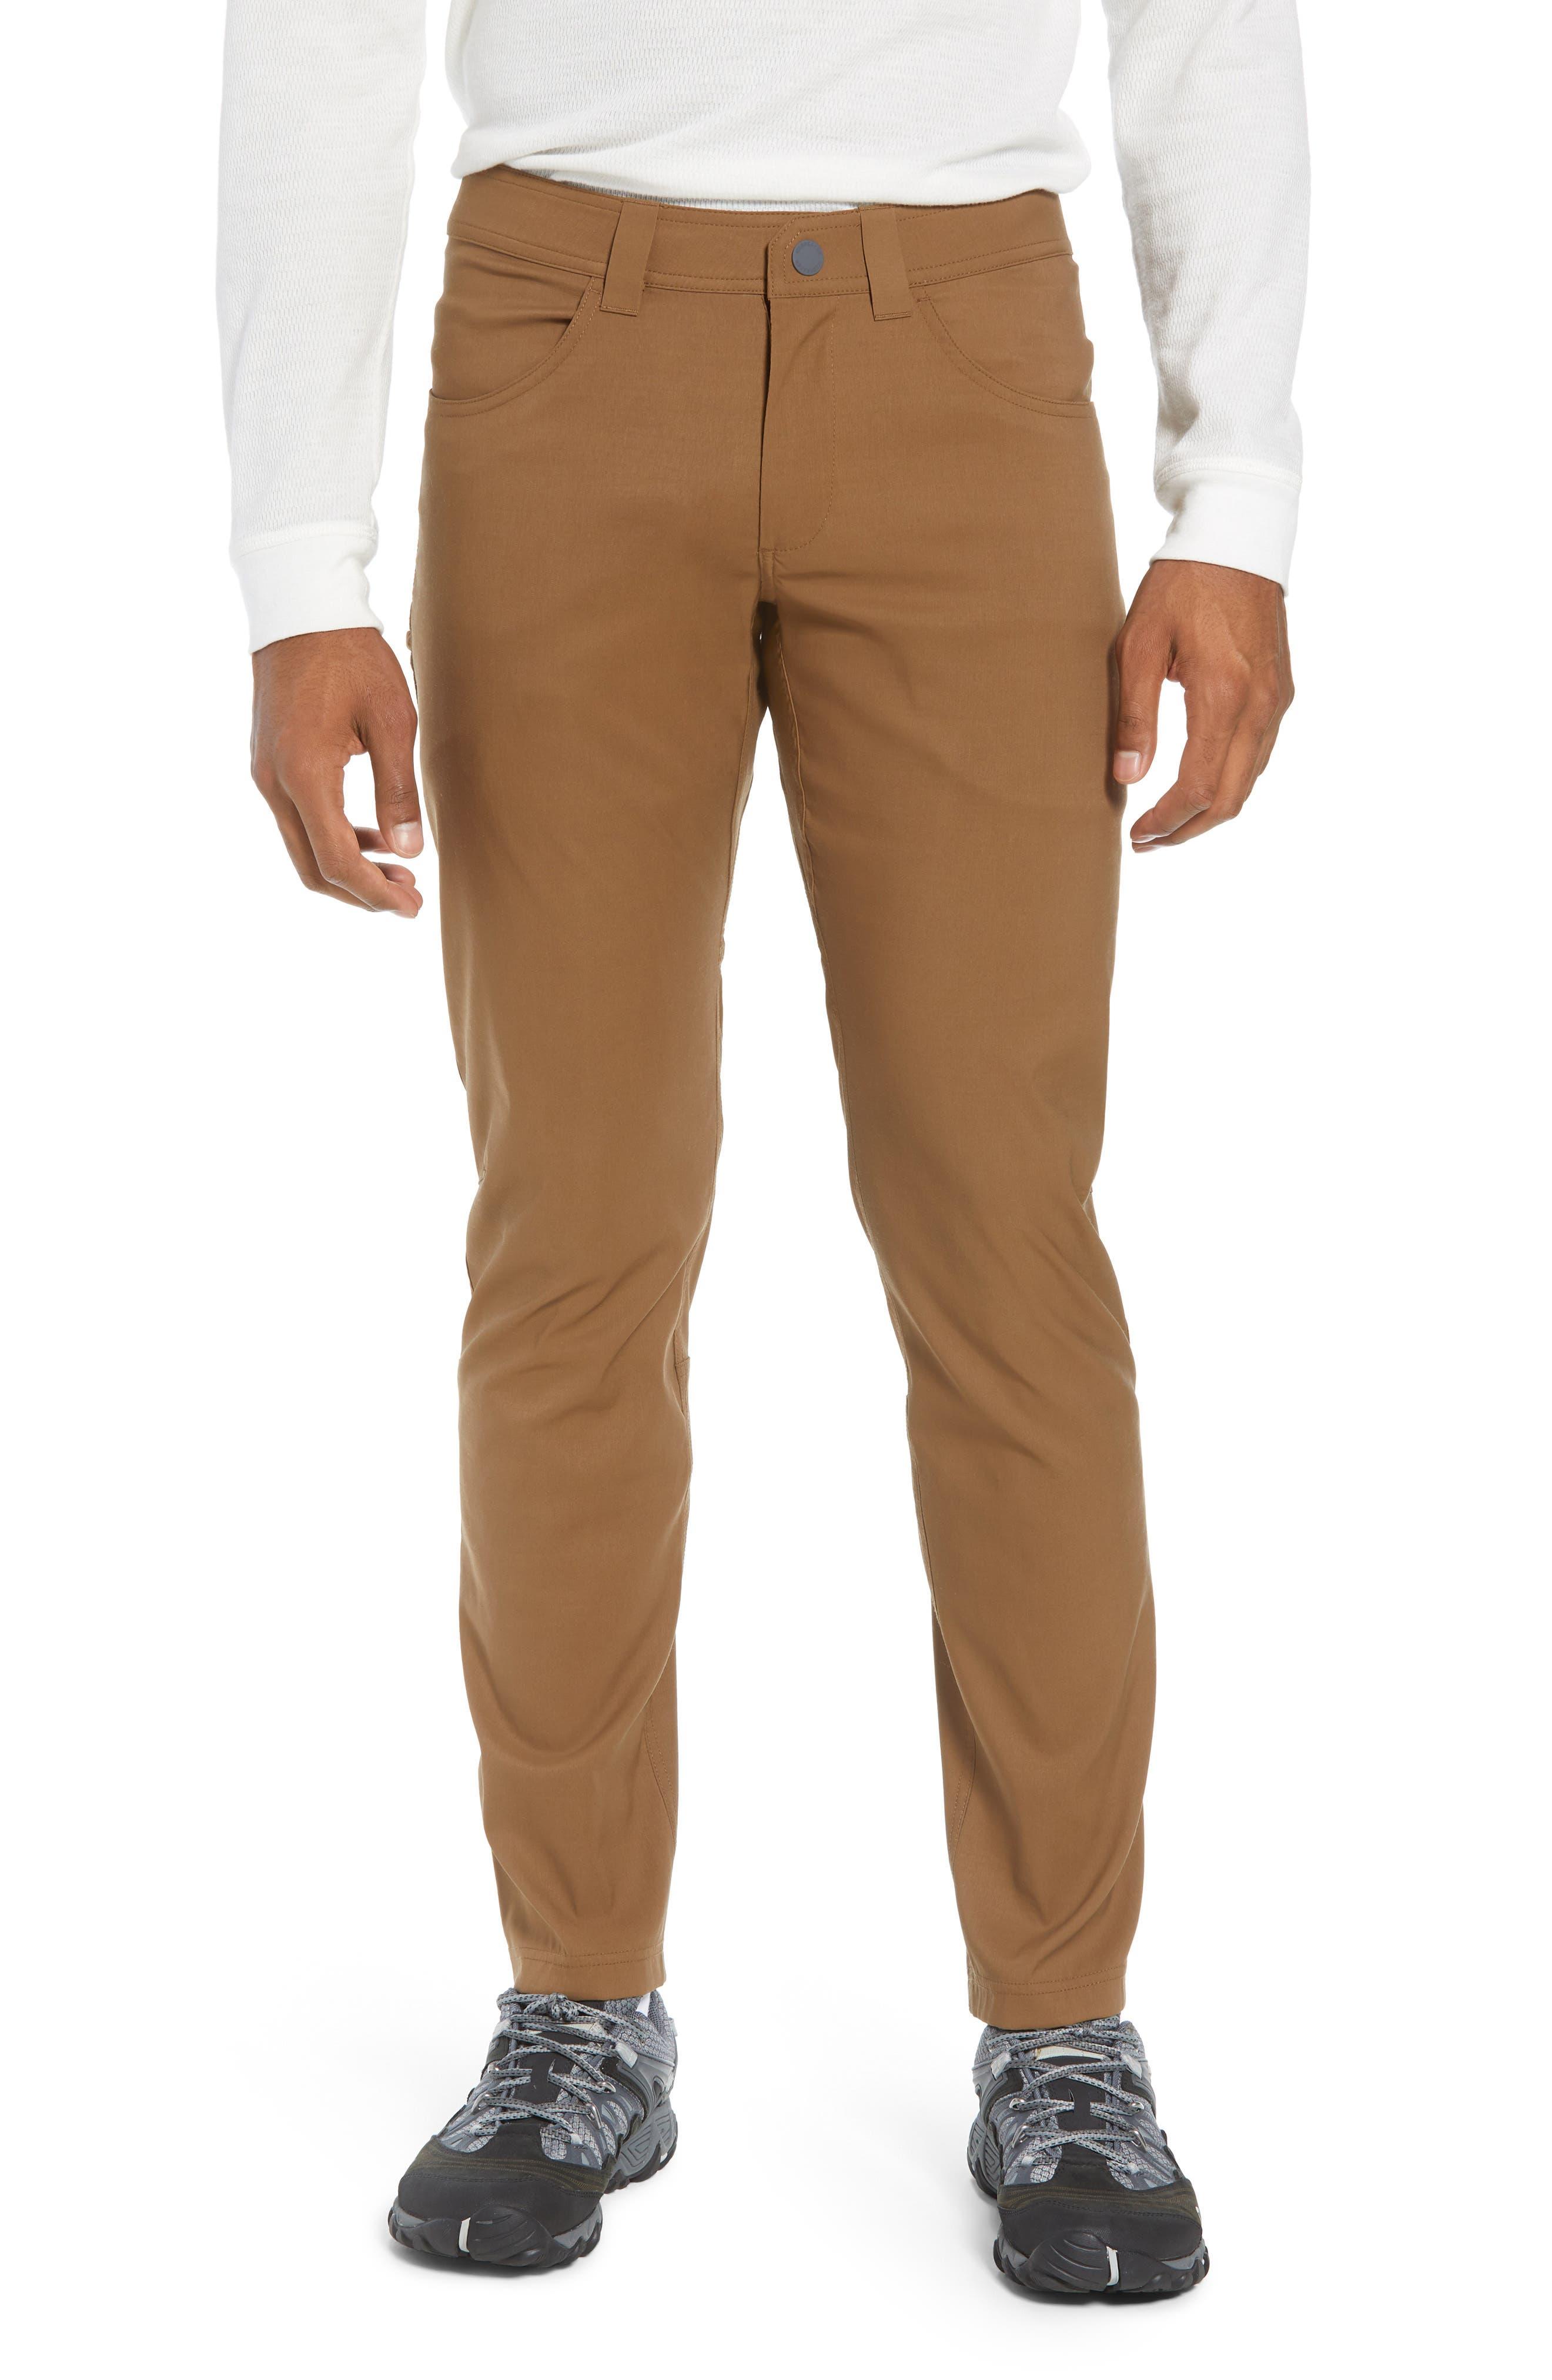 Icebreaker Persist Straight Pants, Brown